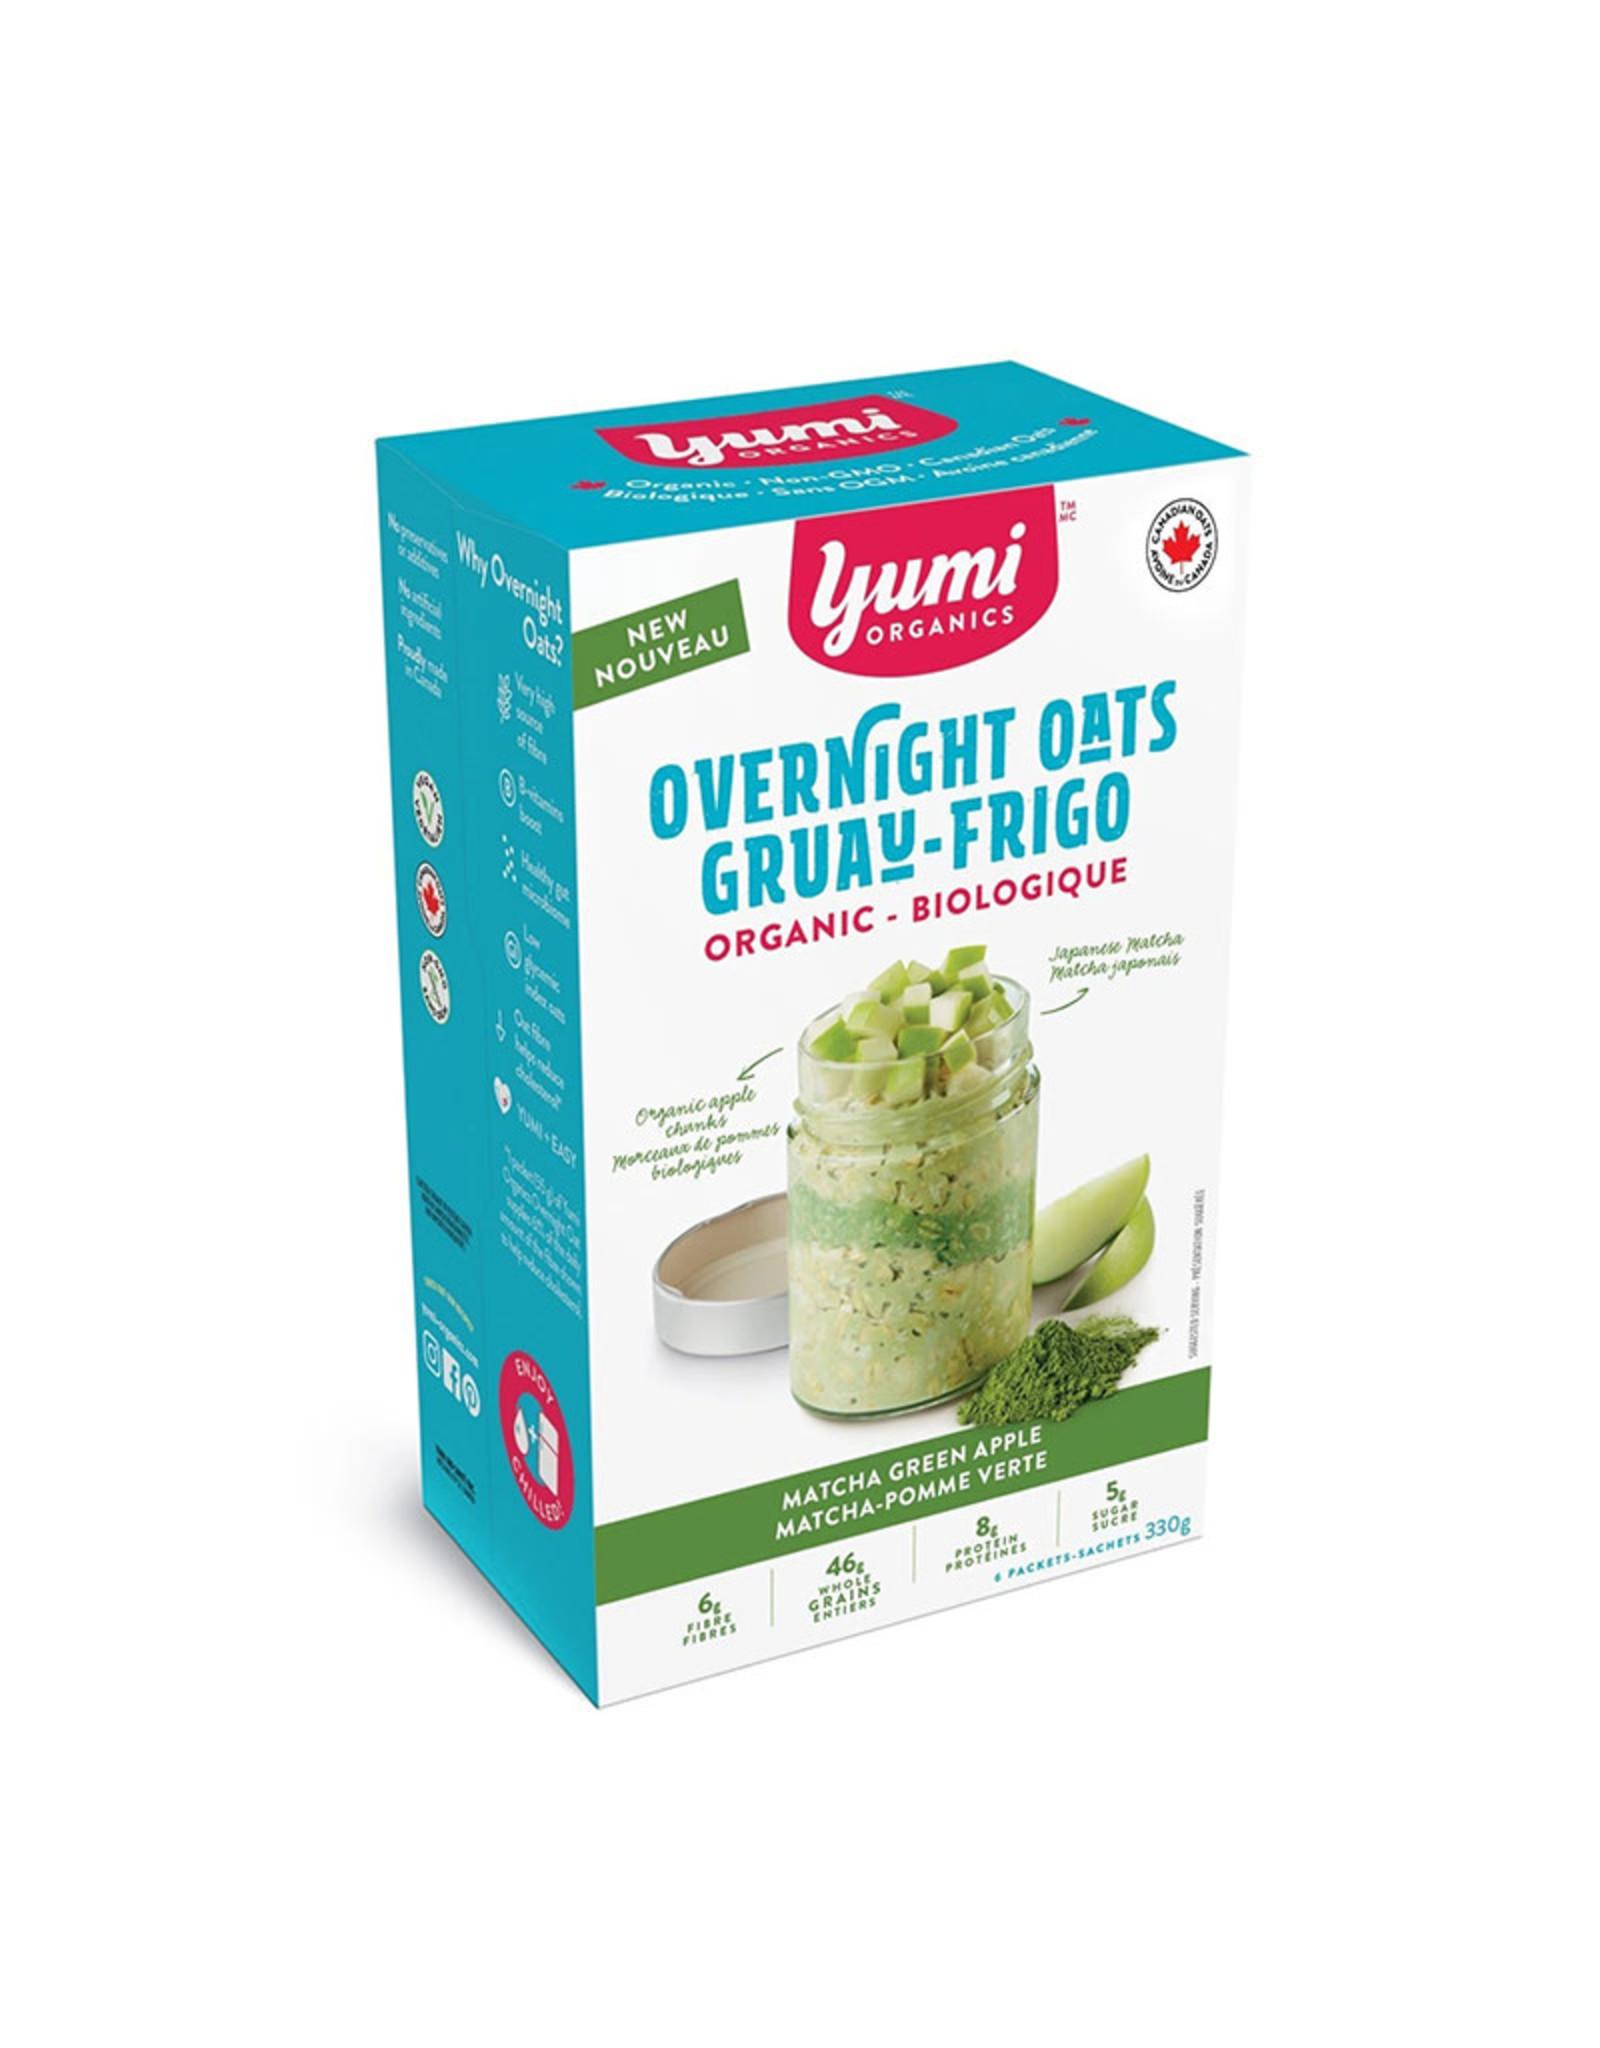 Yumi Organics Yumi Organics - Overnight Oats, Matcha Green Apple